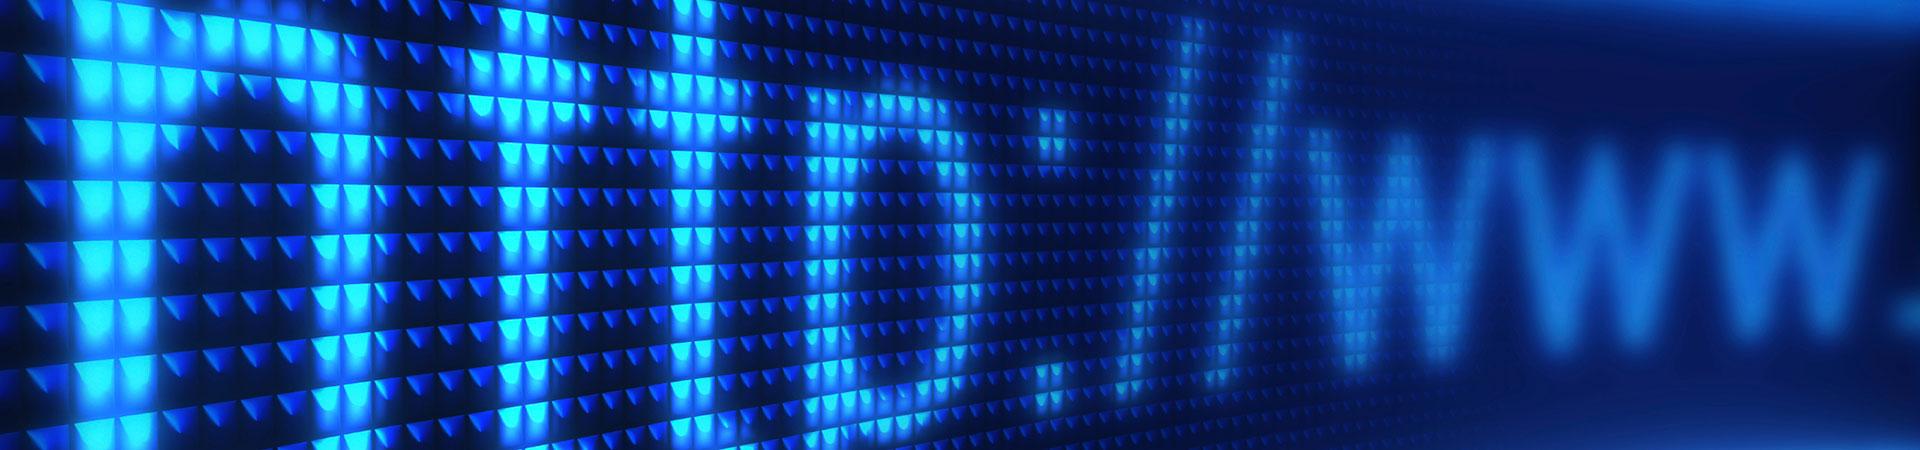 INFORNET Informática Arrecife Palmas, Las